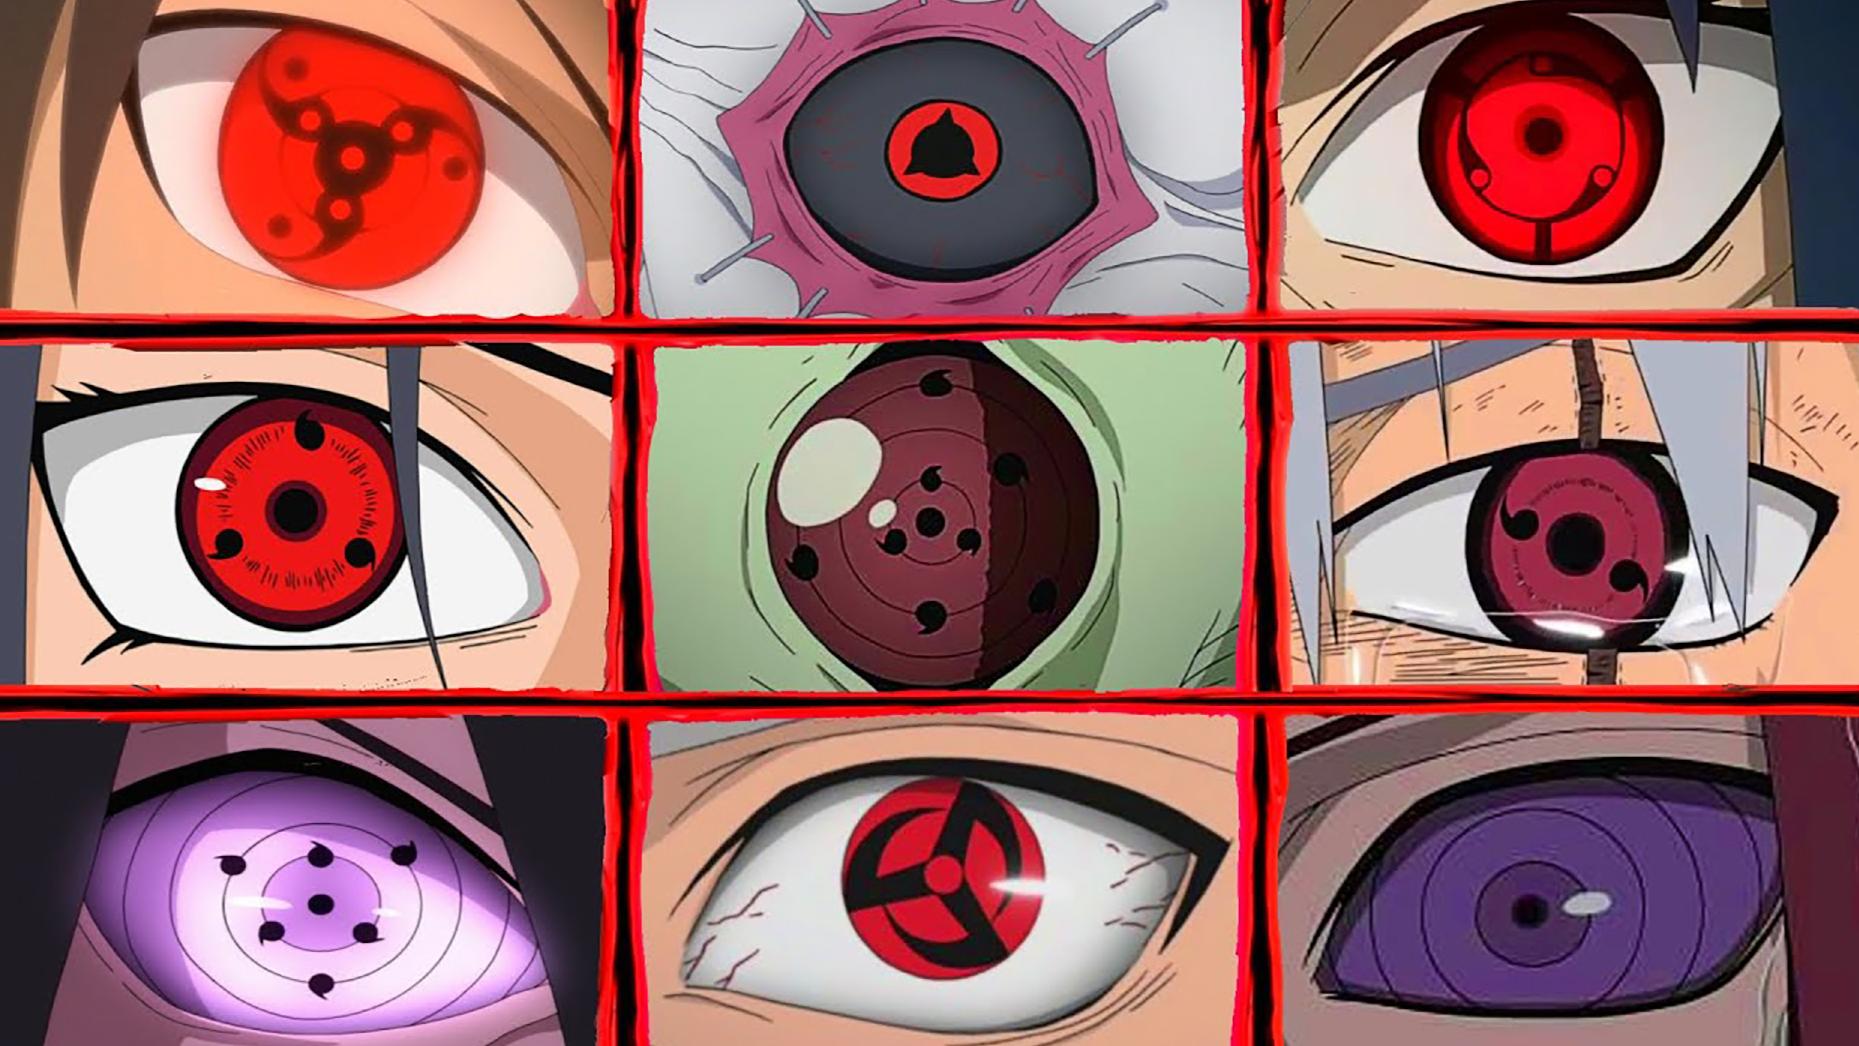 盘点《火影忍者》中宇智波一族不同形态的写轮眼!